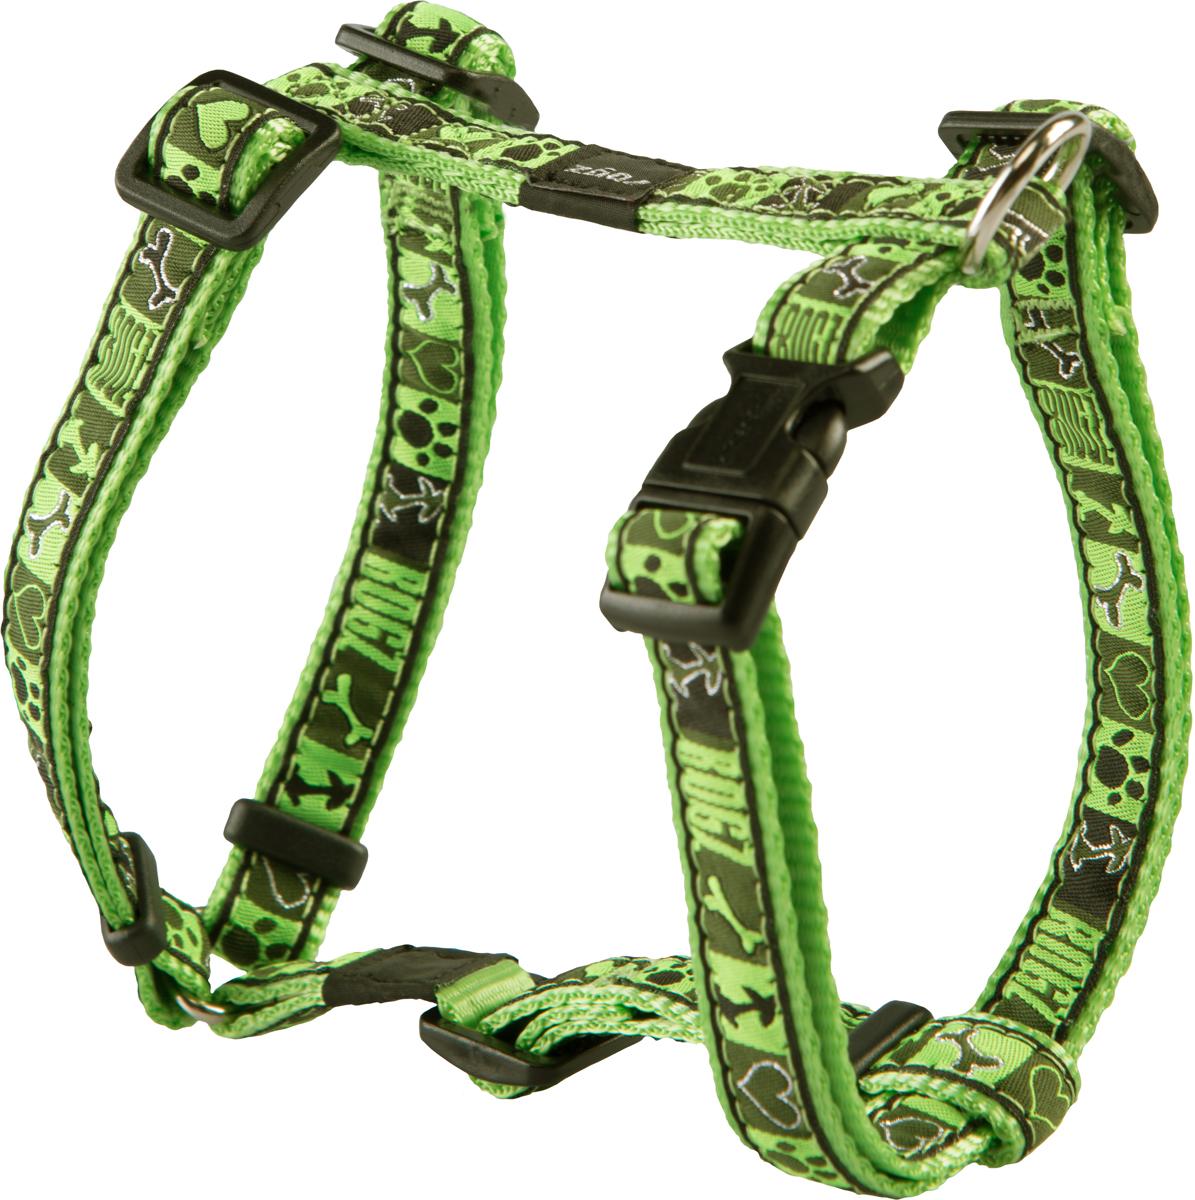 Шлейка для собак Rogz Fancy Dress, цвет: зеленый, ширина 1,6 смSJ12CFШлейка для собак Rogz Fancy Dress имеет необычный дизайн. Широкая гамма потрясающе красивых орнаментов на прочной тесьме поверх нейлоновой ленты украсит вашего питомца.Застегивается, не доставляя неудобство собаке.Специальная конструкция пряжки Rog Loc - очень крепкая(система Fort Knox). Замок может быть расстегнут только рукой человека.С помощью системы ремней изделие подгоняется под животного индивидуально.Необыкновенно крепкая и прочная шлейка.Выполненные по заказу литые кольца выдерживают значительные физические нагрузки и имеют хромирование, нанесенное гальваническим способом, что позволяет избежать коррозии и потускнения изделия.Легко можно прикрепить к ошейнику и поводку.